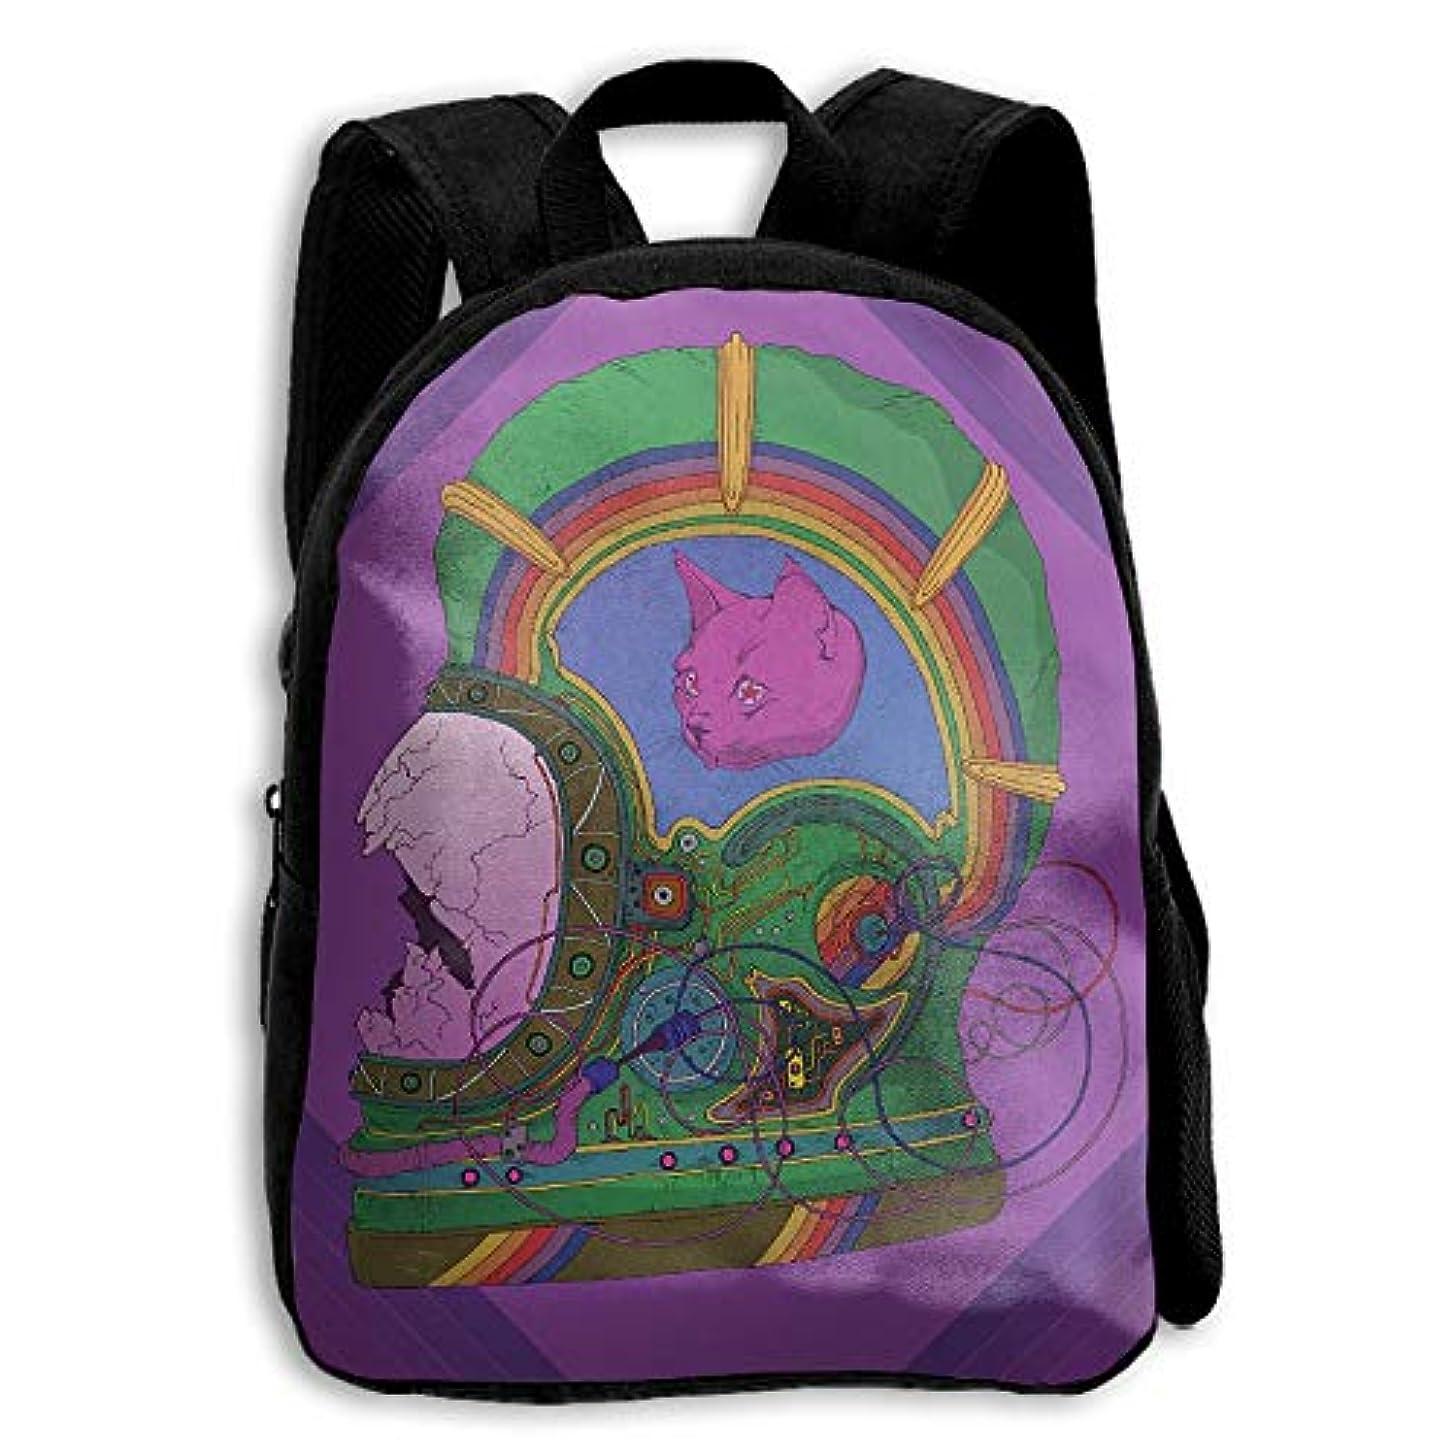 サンダーバング不承認キッズ バックパック 子供用 リュックサック 猫宇宙飛行士 ショルダー デイパック アウトドア 男の子 女の子 通学 旅行 遠足